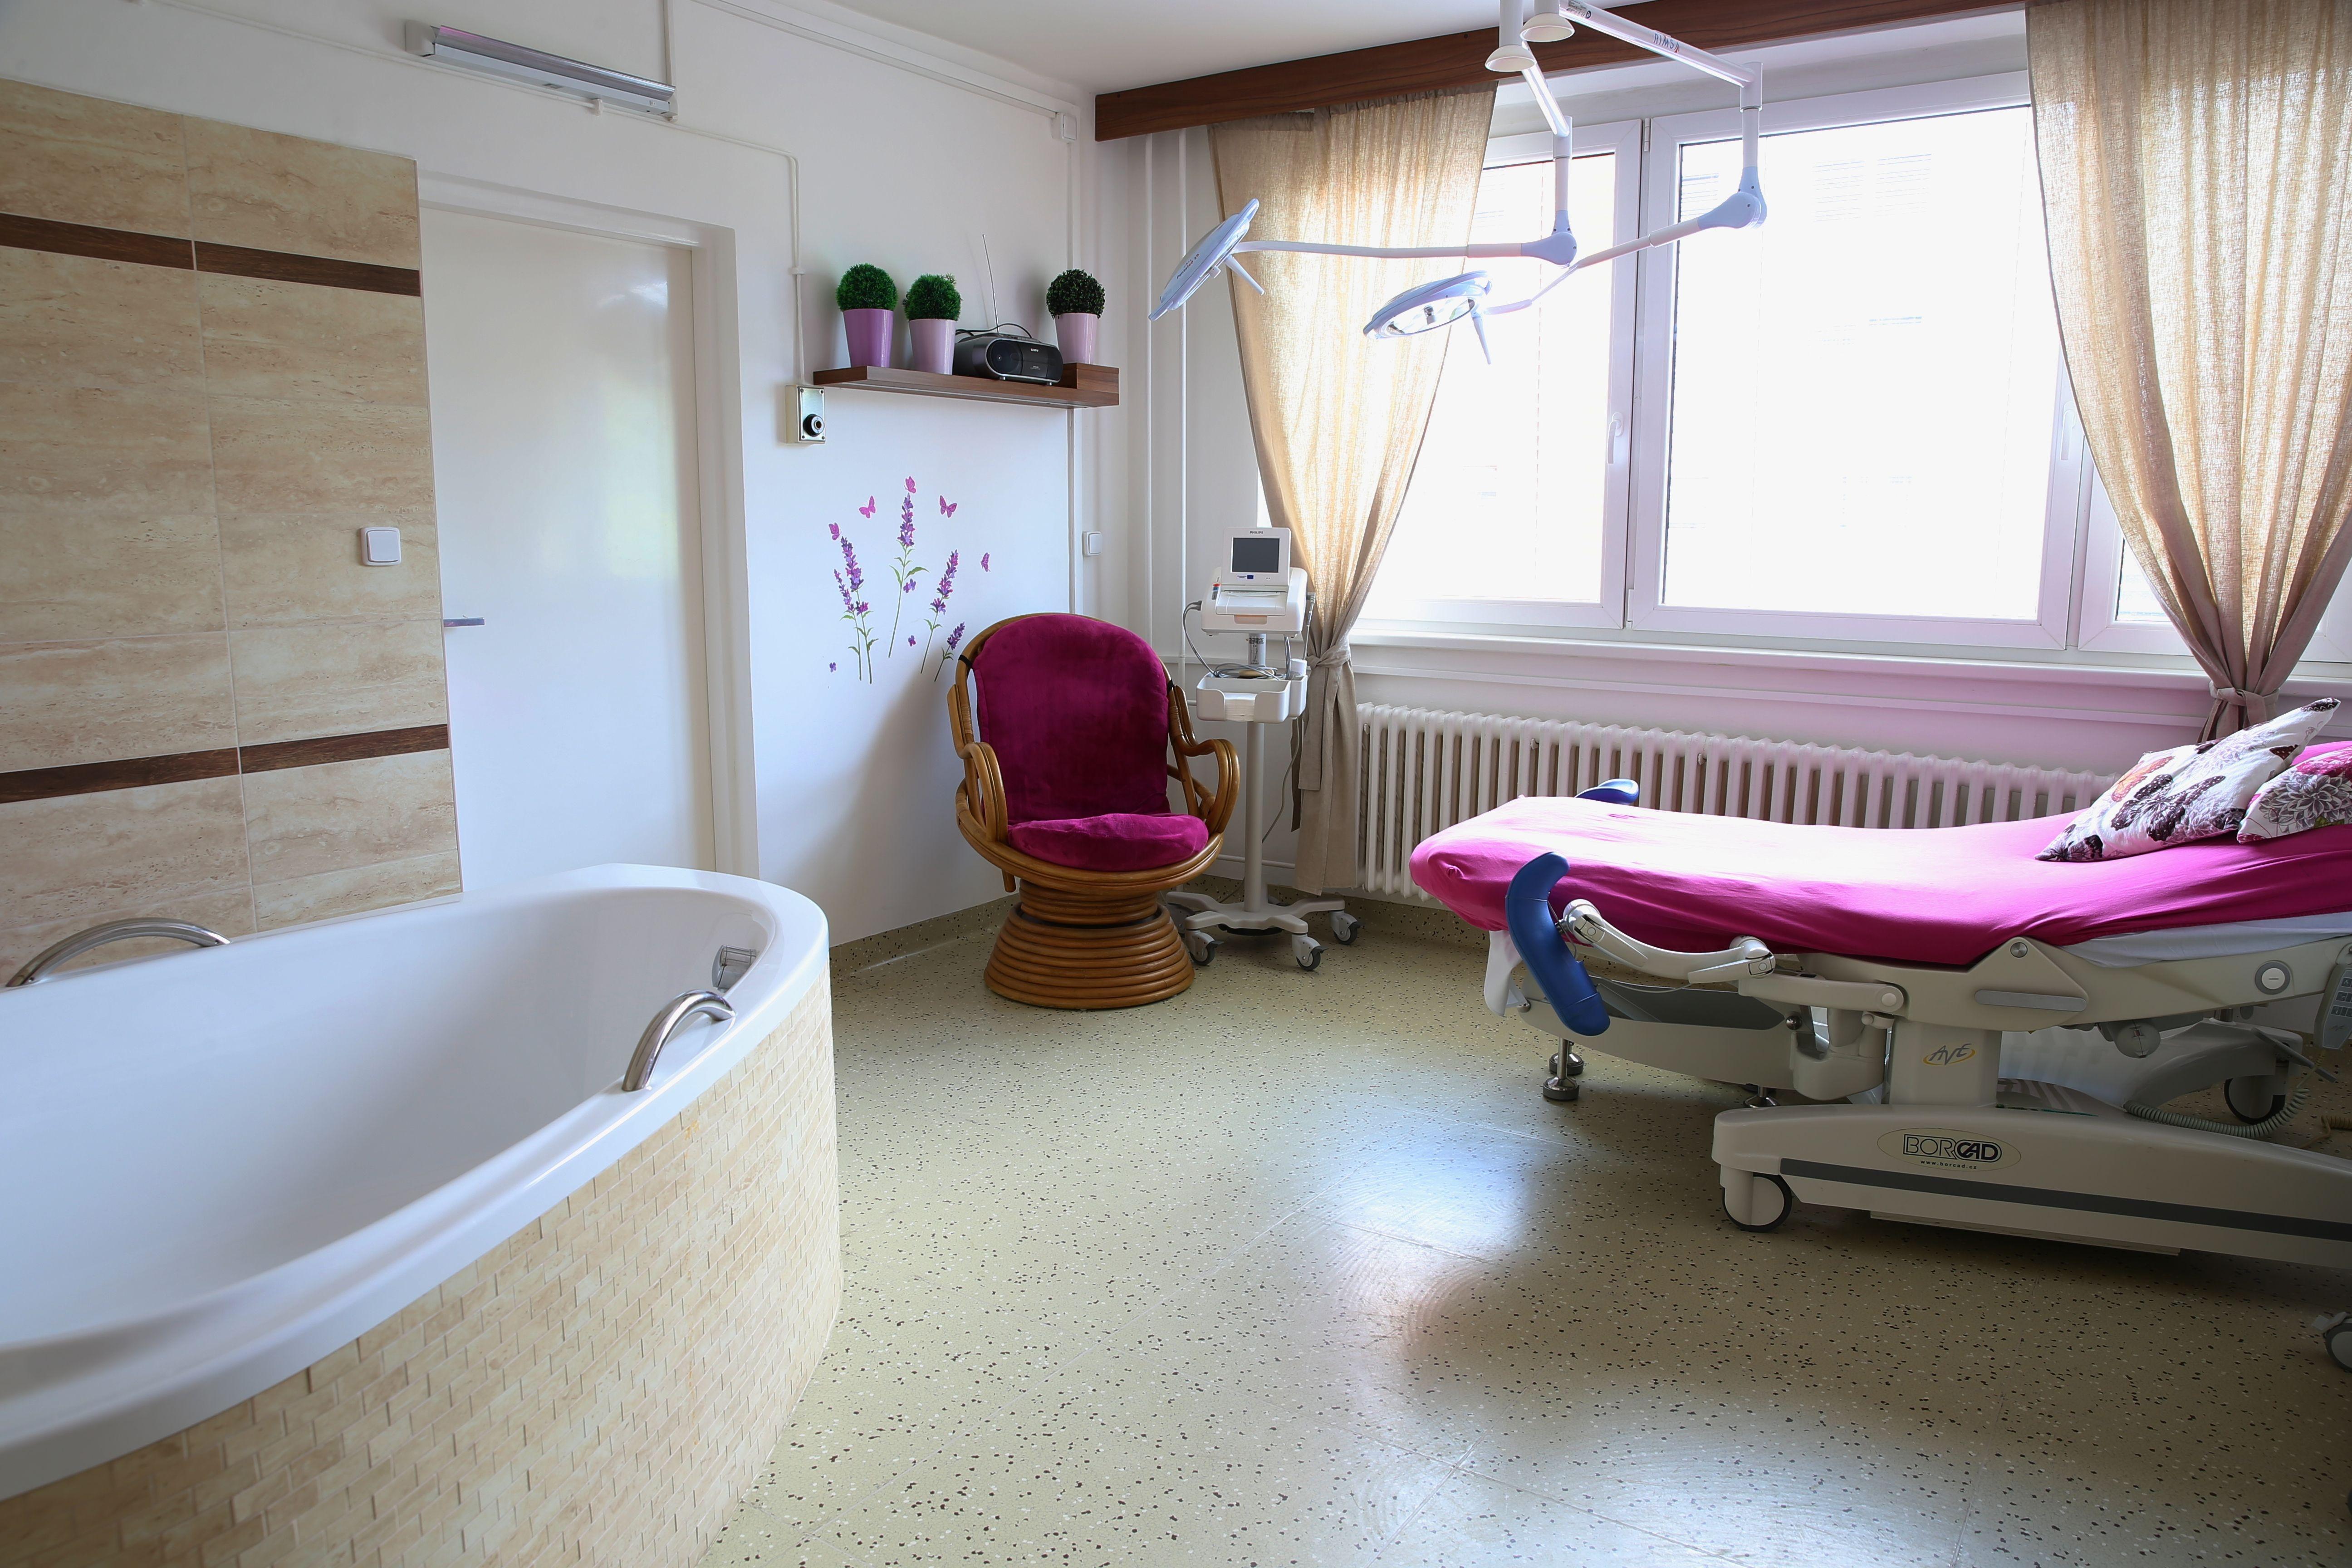 NŠ - interiér porodnice foto: M. Jeřábek - archiv šumpersko.net